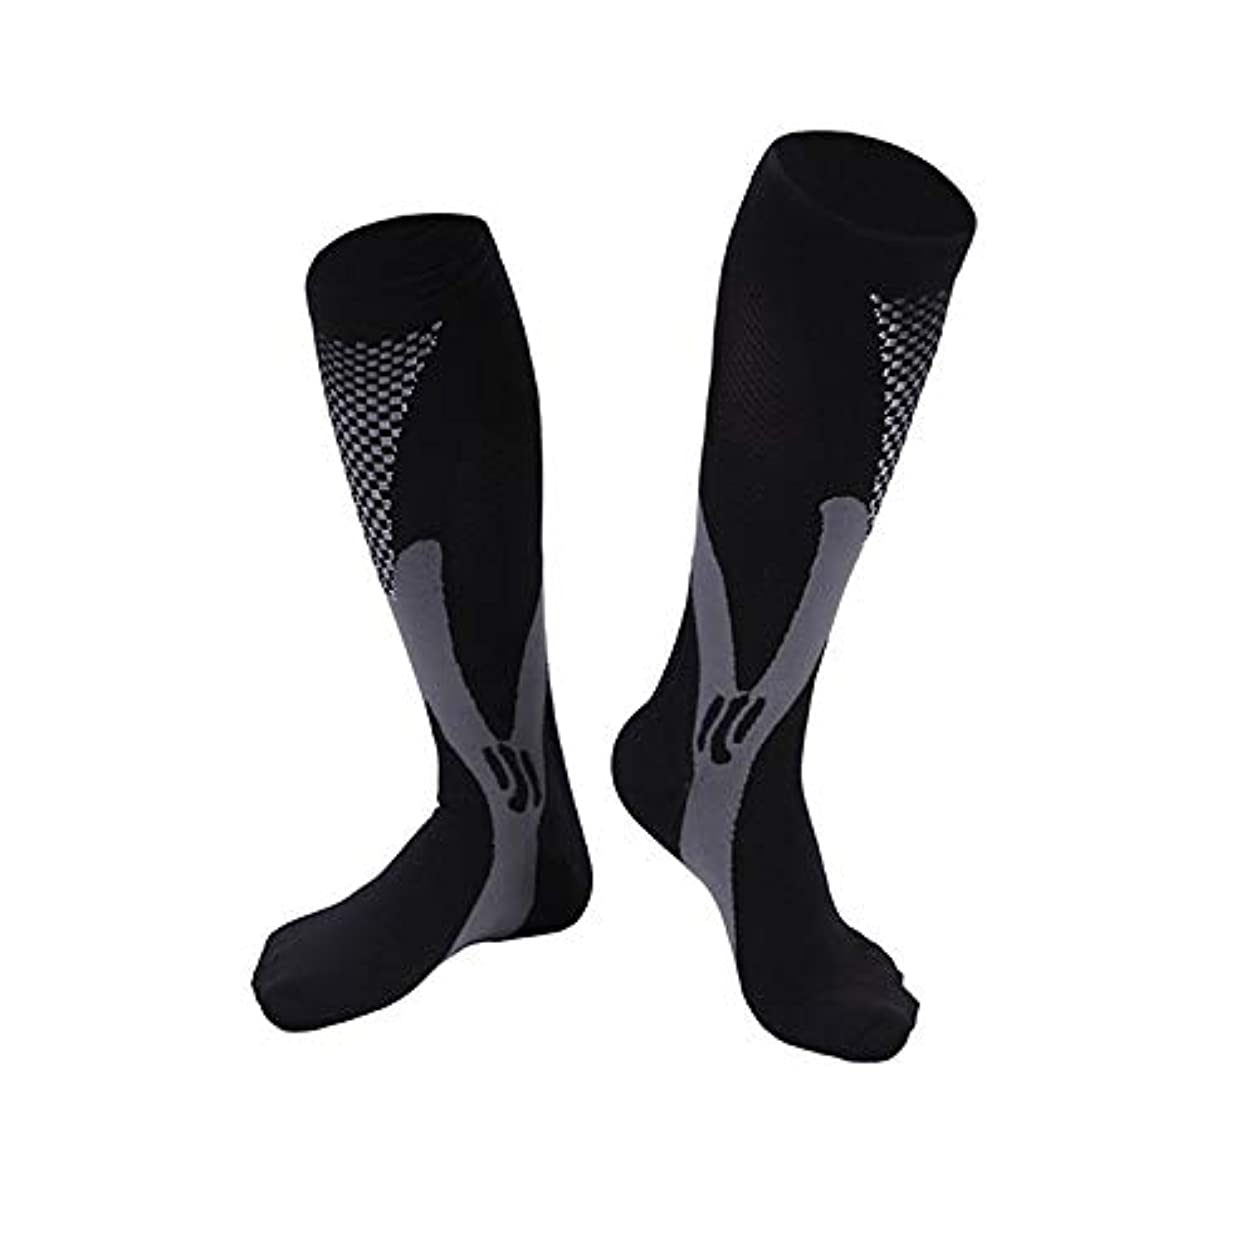 準備ができて素人定義快適な男性女性ファッションレッグサポートストレッチ圧縮ソックス下膝ソックスレッグサポートストレッチ通気性ソックス - ブラック2 XL